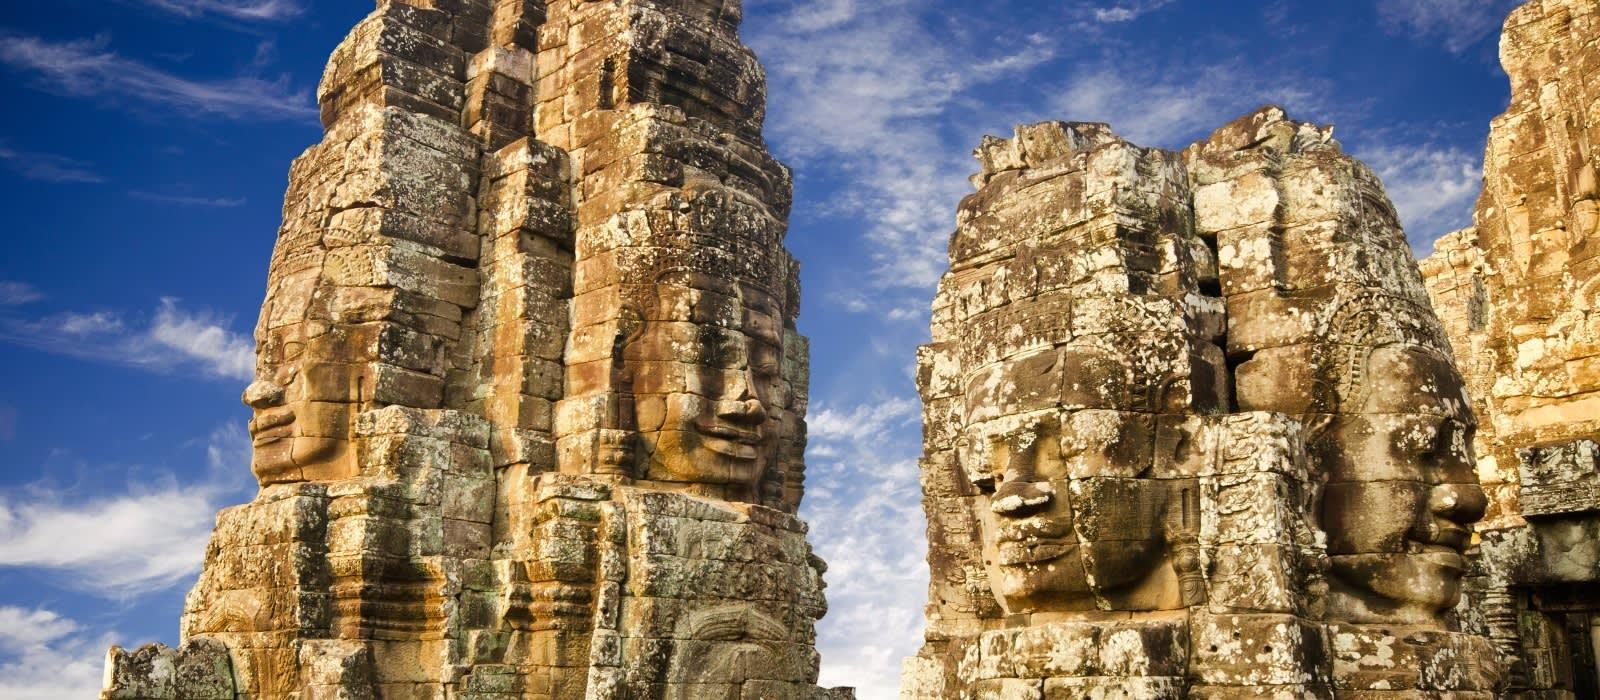 Kambodscha Sehenswürdigkeiten: Angkor Wat